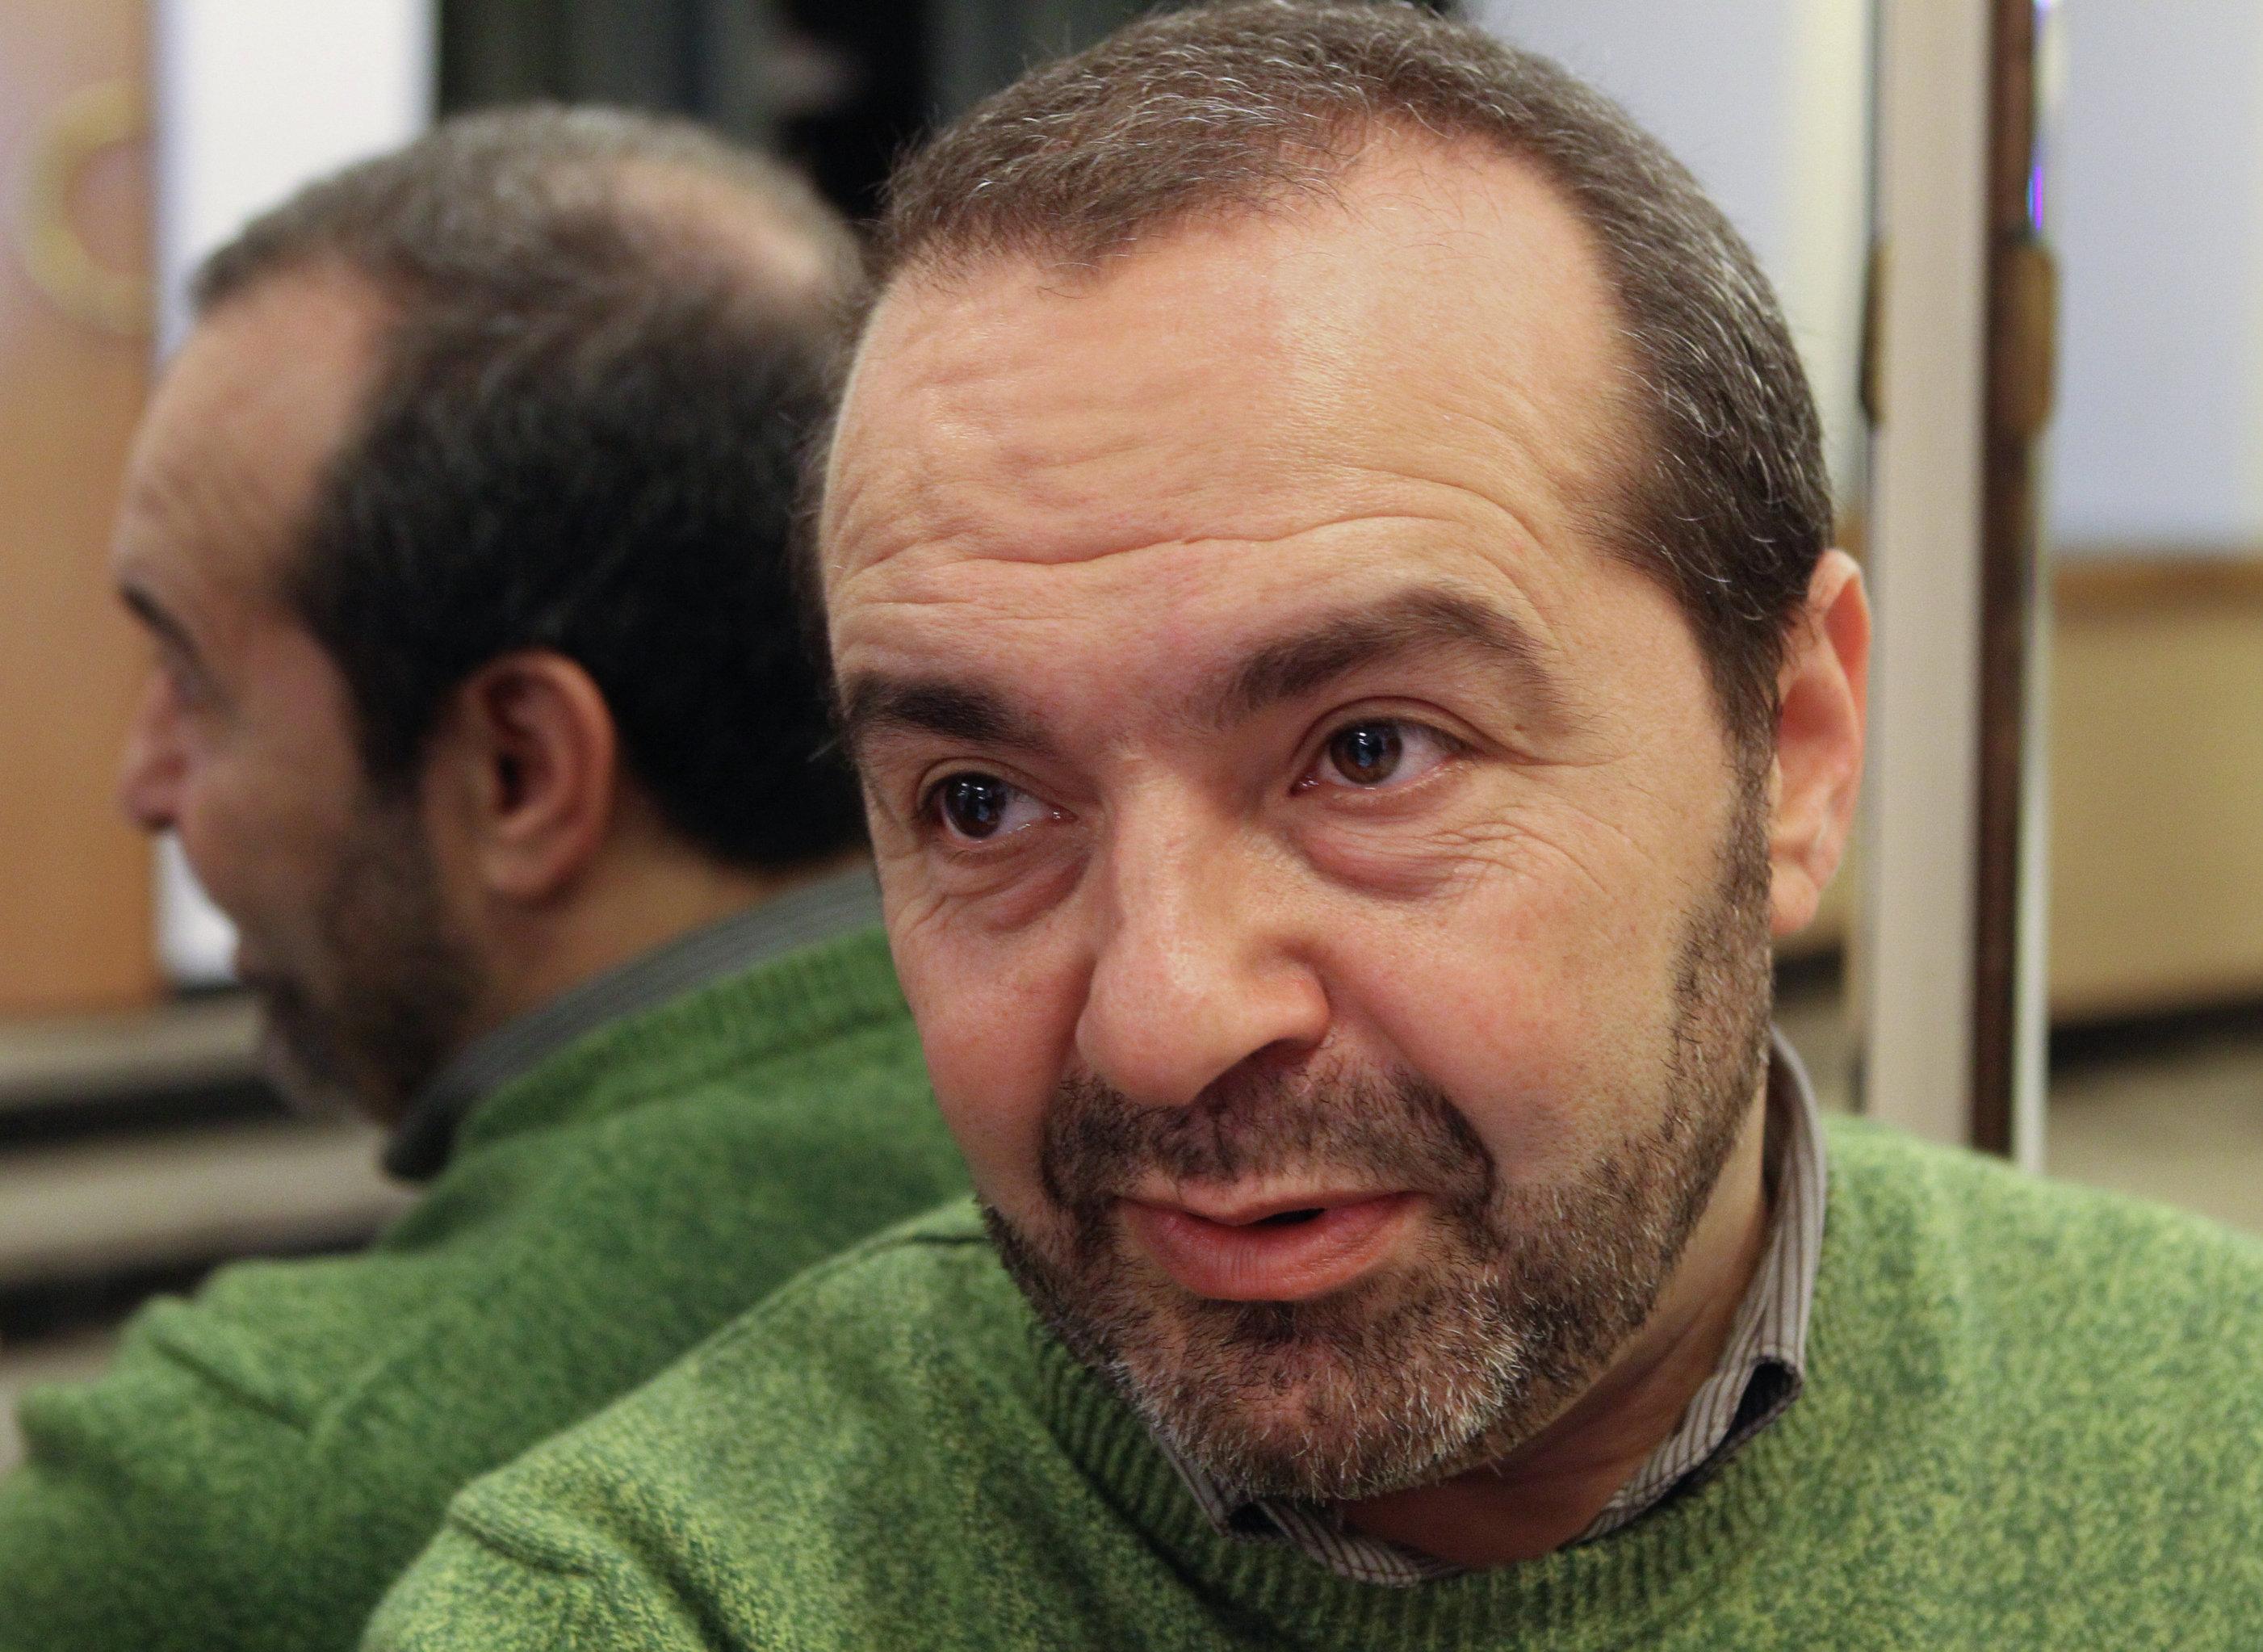 Шендерович раскрыл рот на Сафронкова в ответ на жесткое высказывание в ООН